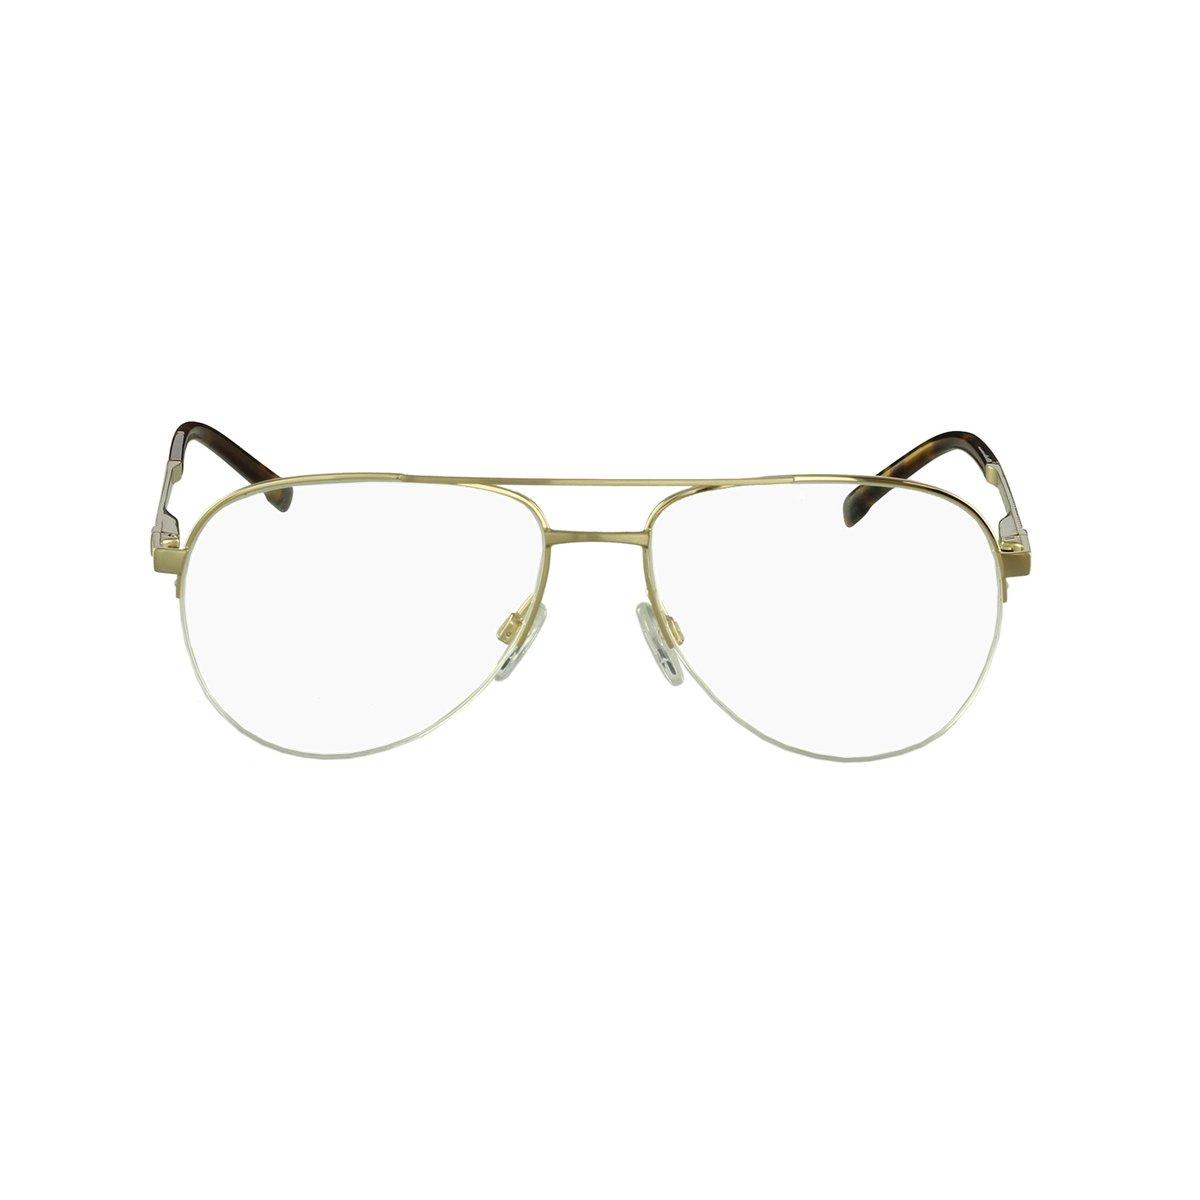 0237a09527e93 Armação Óculos Bulget Aviador - Compre Agora